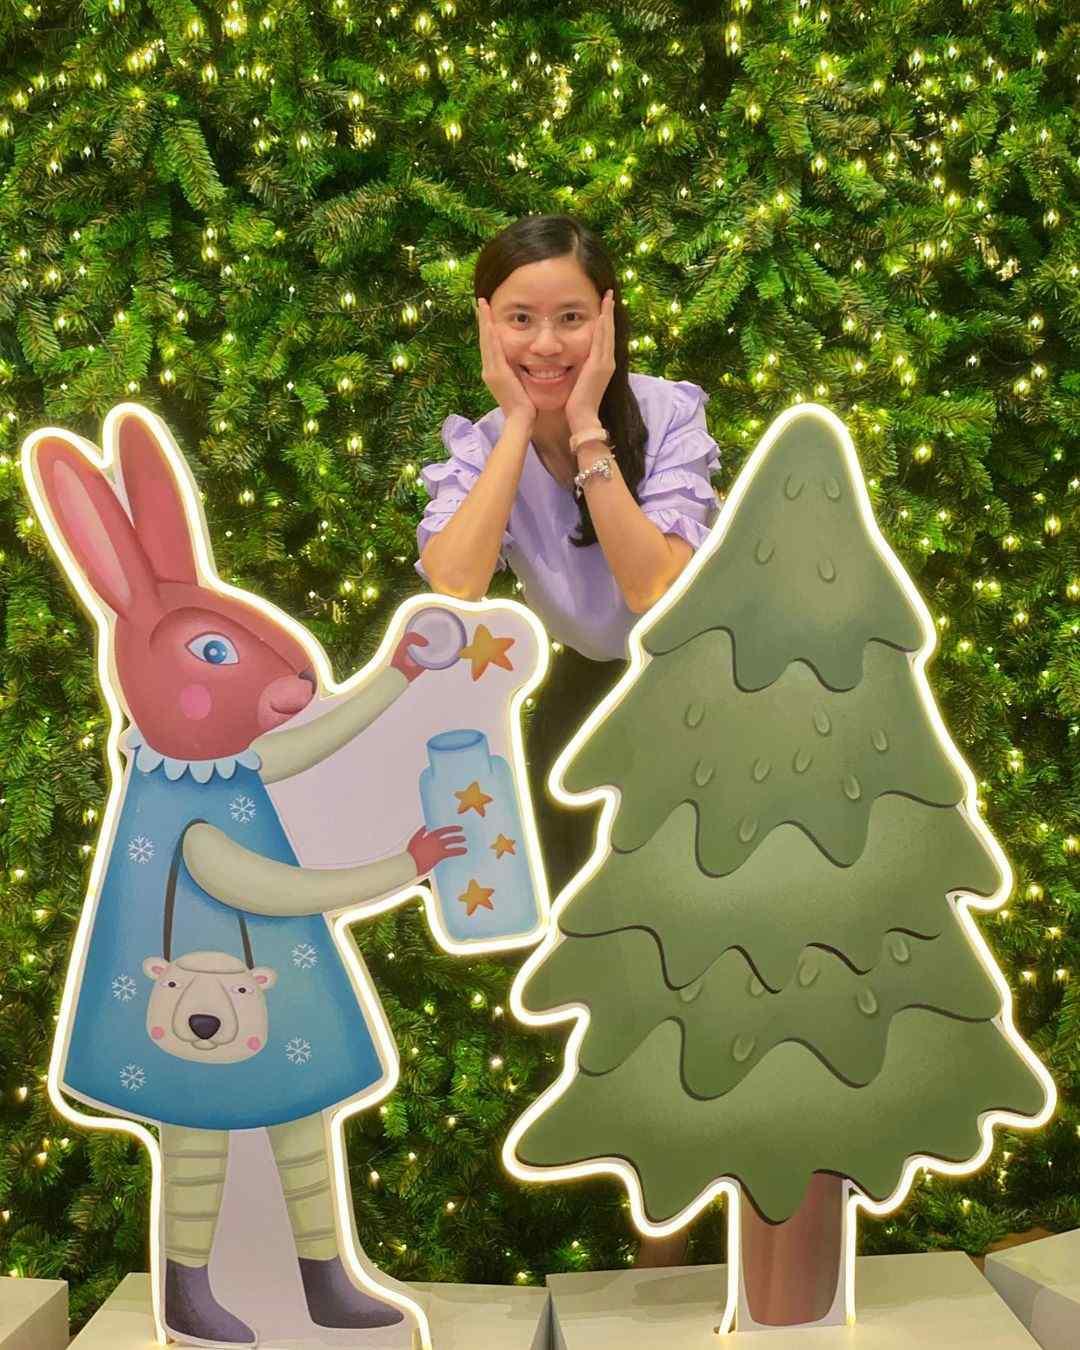 Konijn die een kerstboom aan het versieren is met een ster